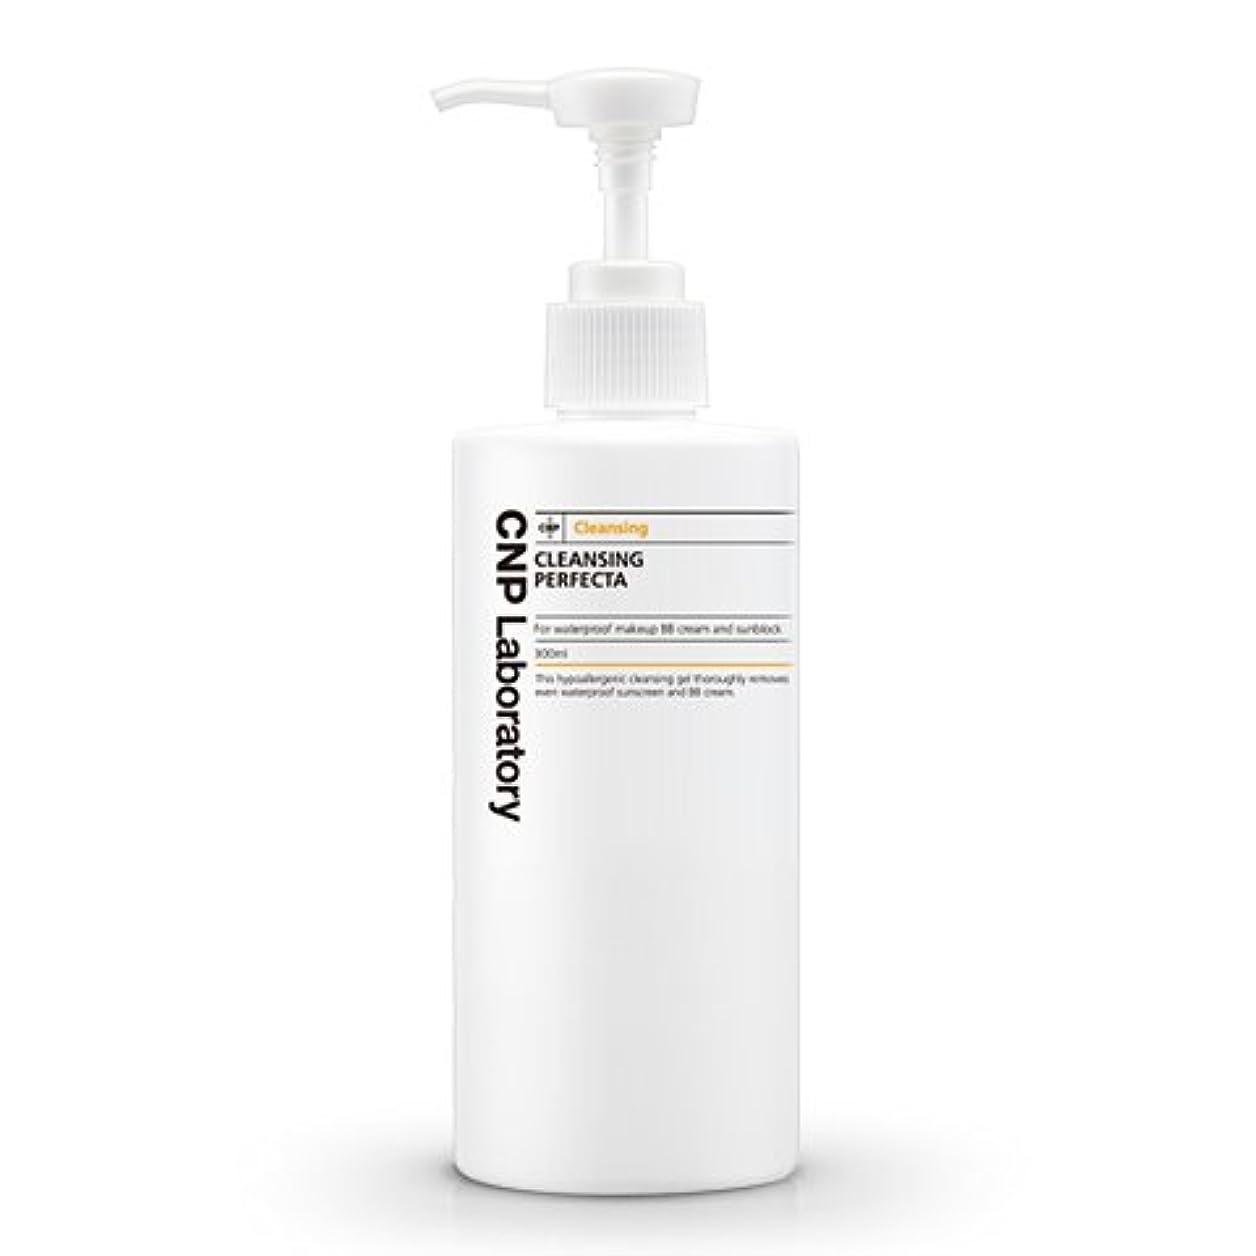 首相雄弁家せがむCNP Laboratory クレンジングパーフェクタ/Cleansing Perfecta 300ml [並行輸入品]